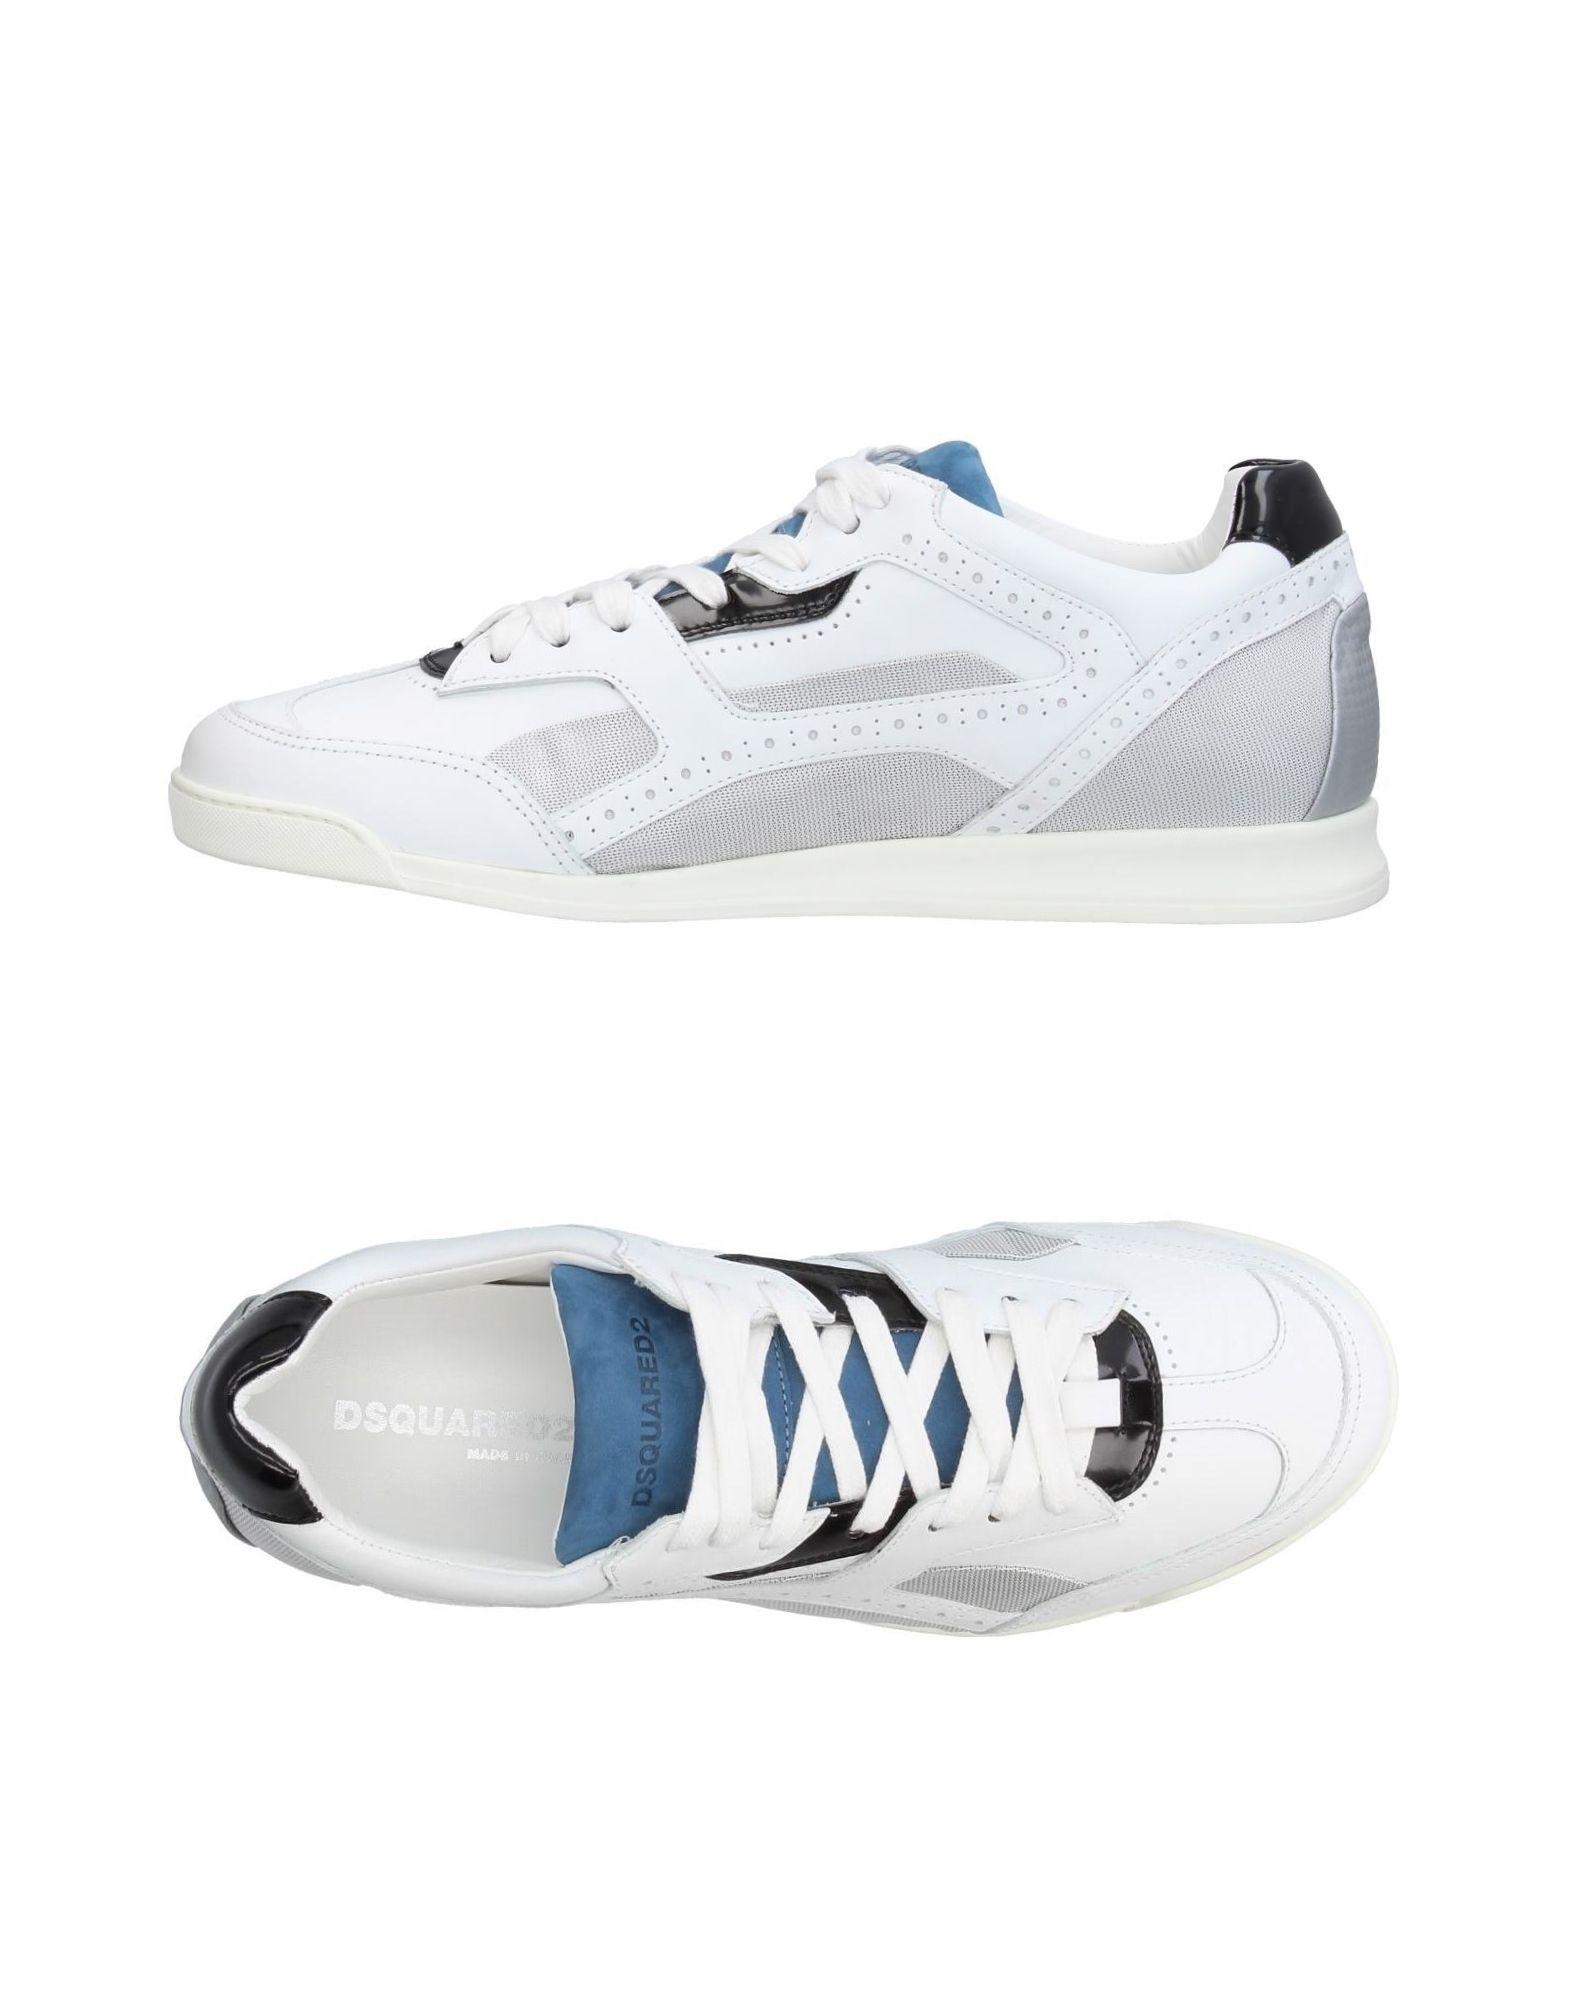 Dsquared2 Sneakers Herren  11409349NC Gute Qualität beliebte Schuhe